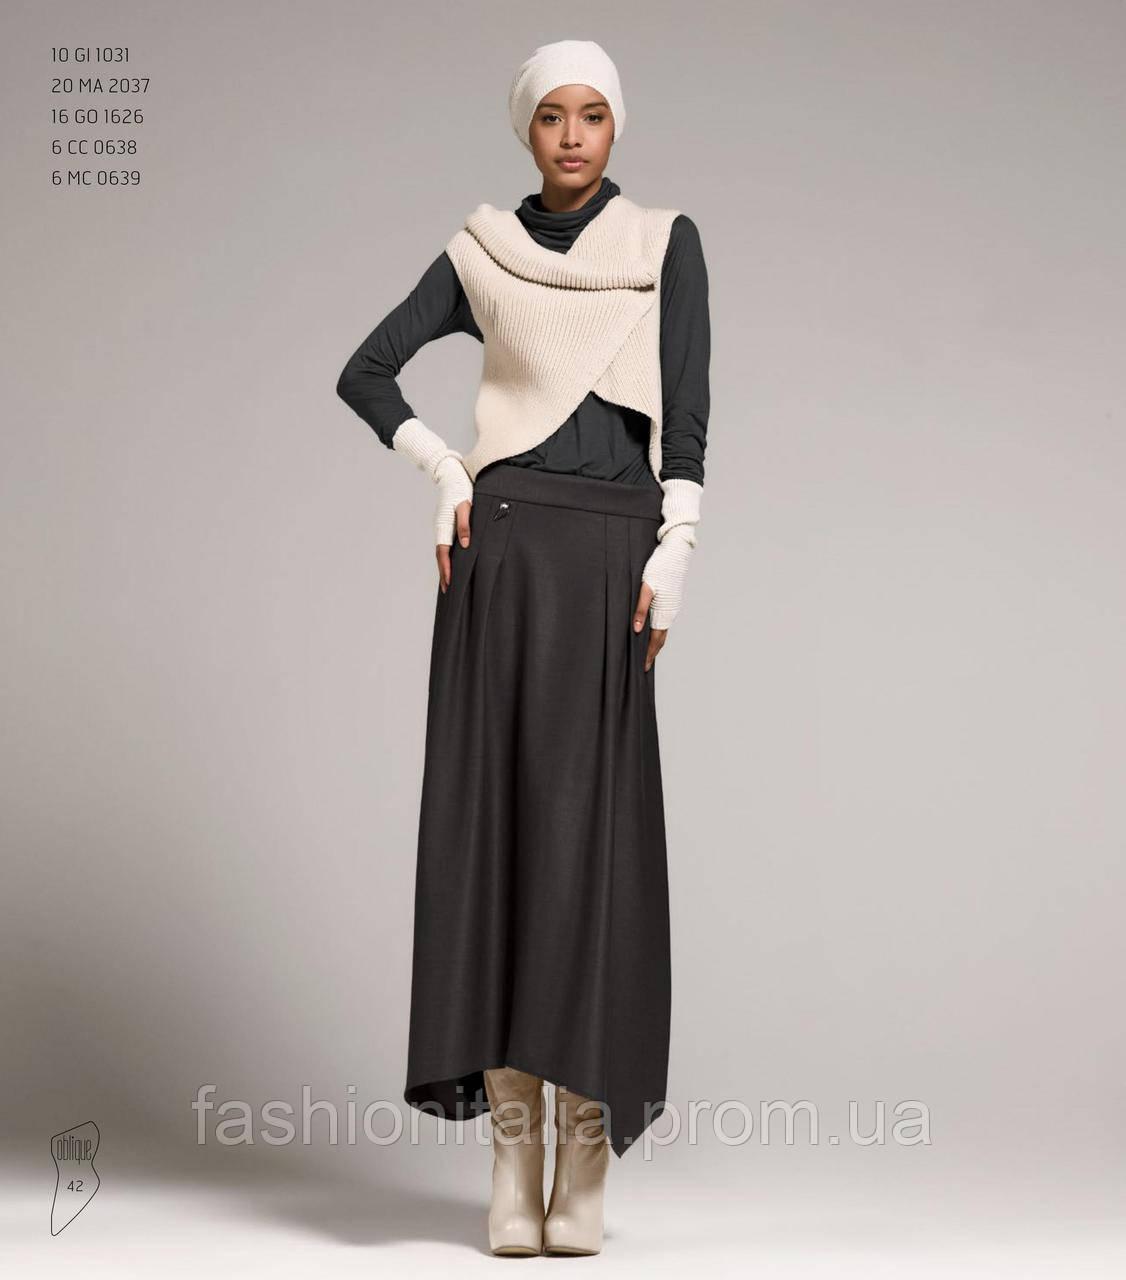 2e250b60d4e Рукава Oblique - Fashion Italia интернет-магазин в Киеве